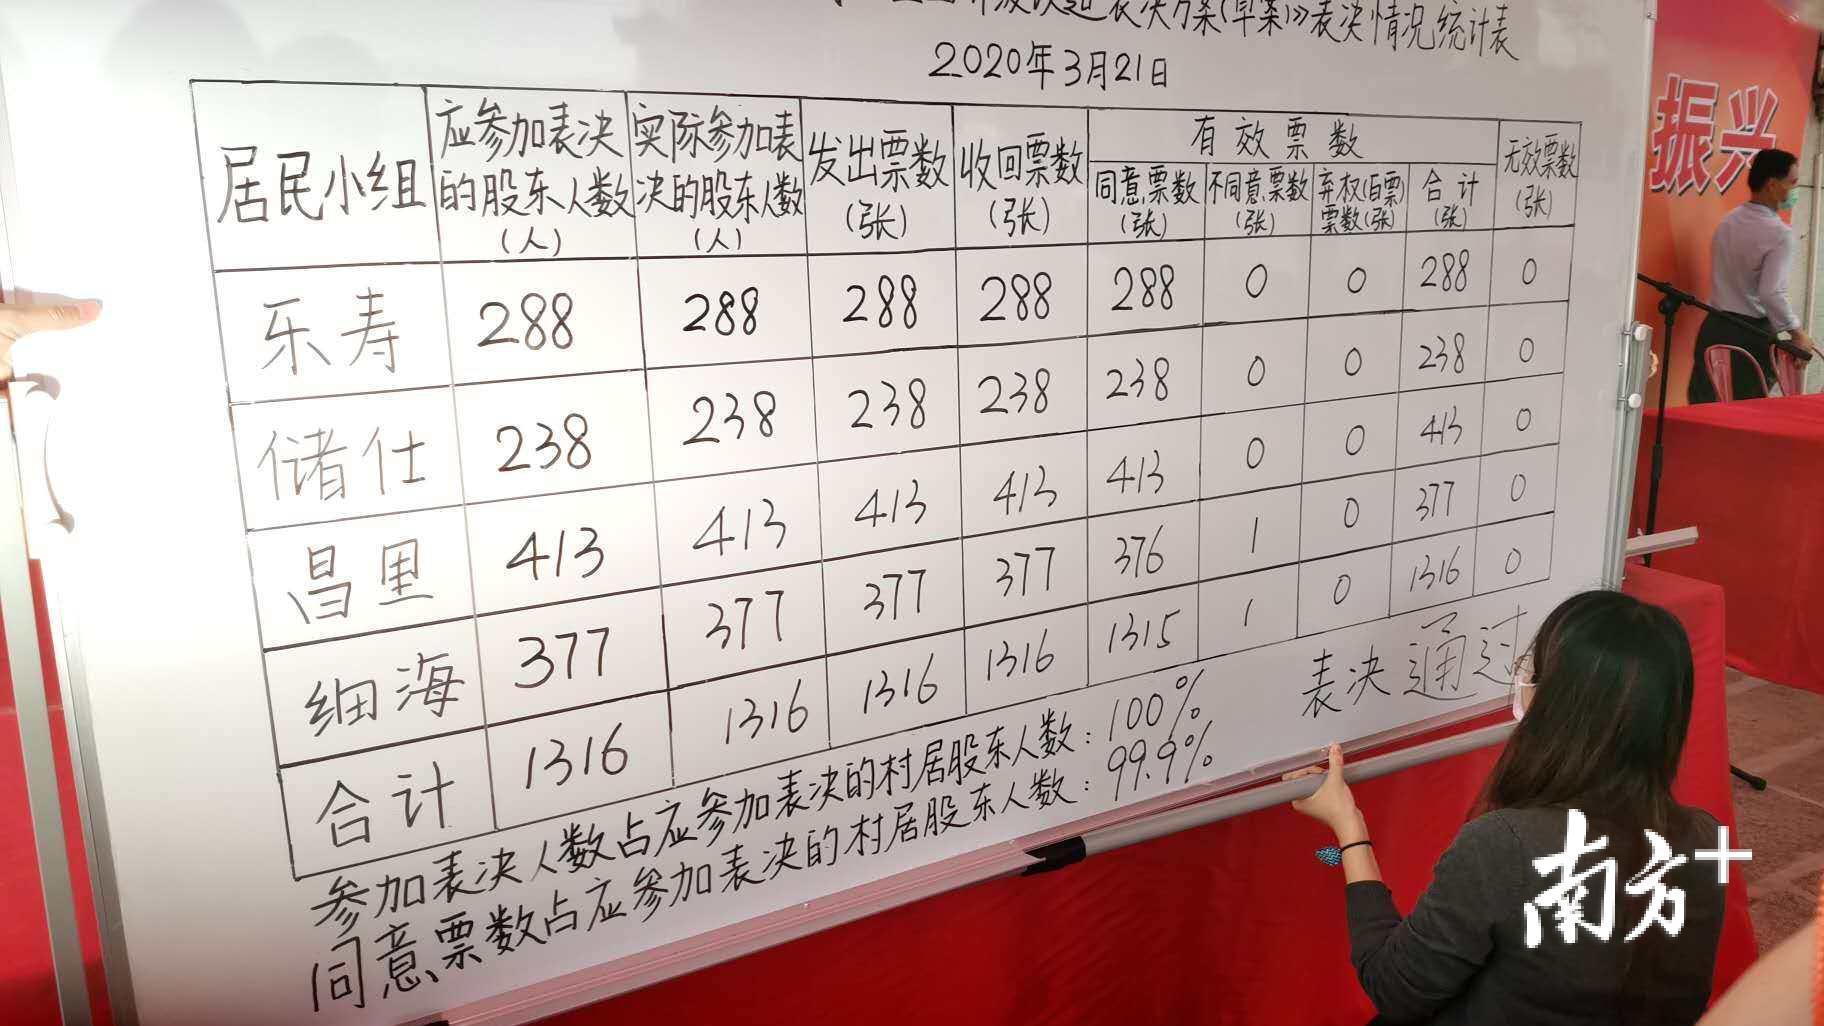 坦东工业区改造方案投票结果出炉。熊程 摄